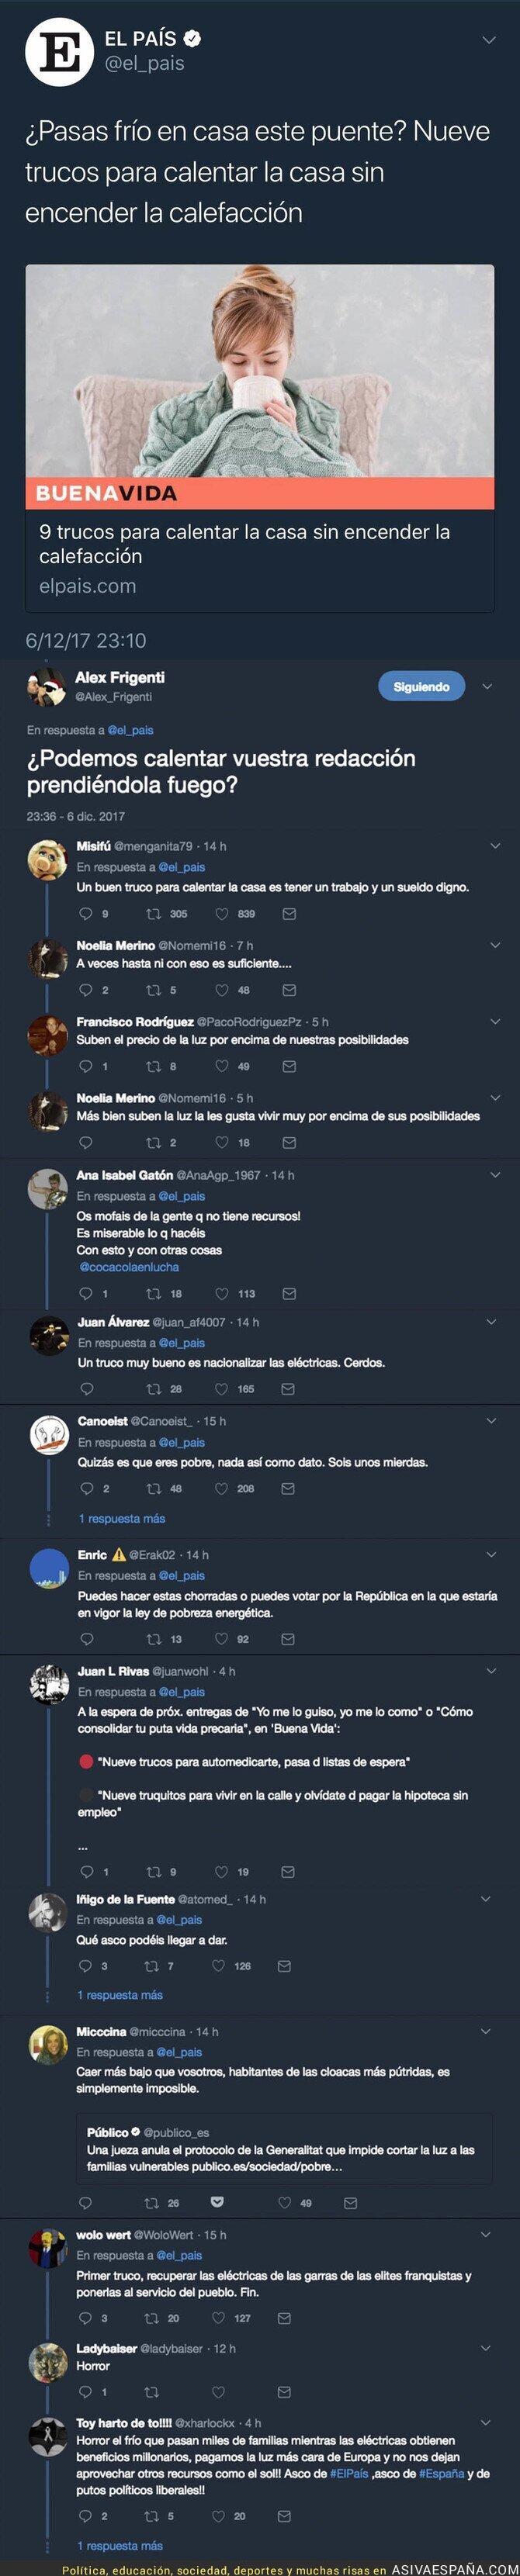 79780 - 'El País' crea gran polémica con esta noticia sobre la calefacción a quienes no pueden pagarla